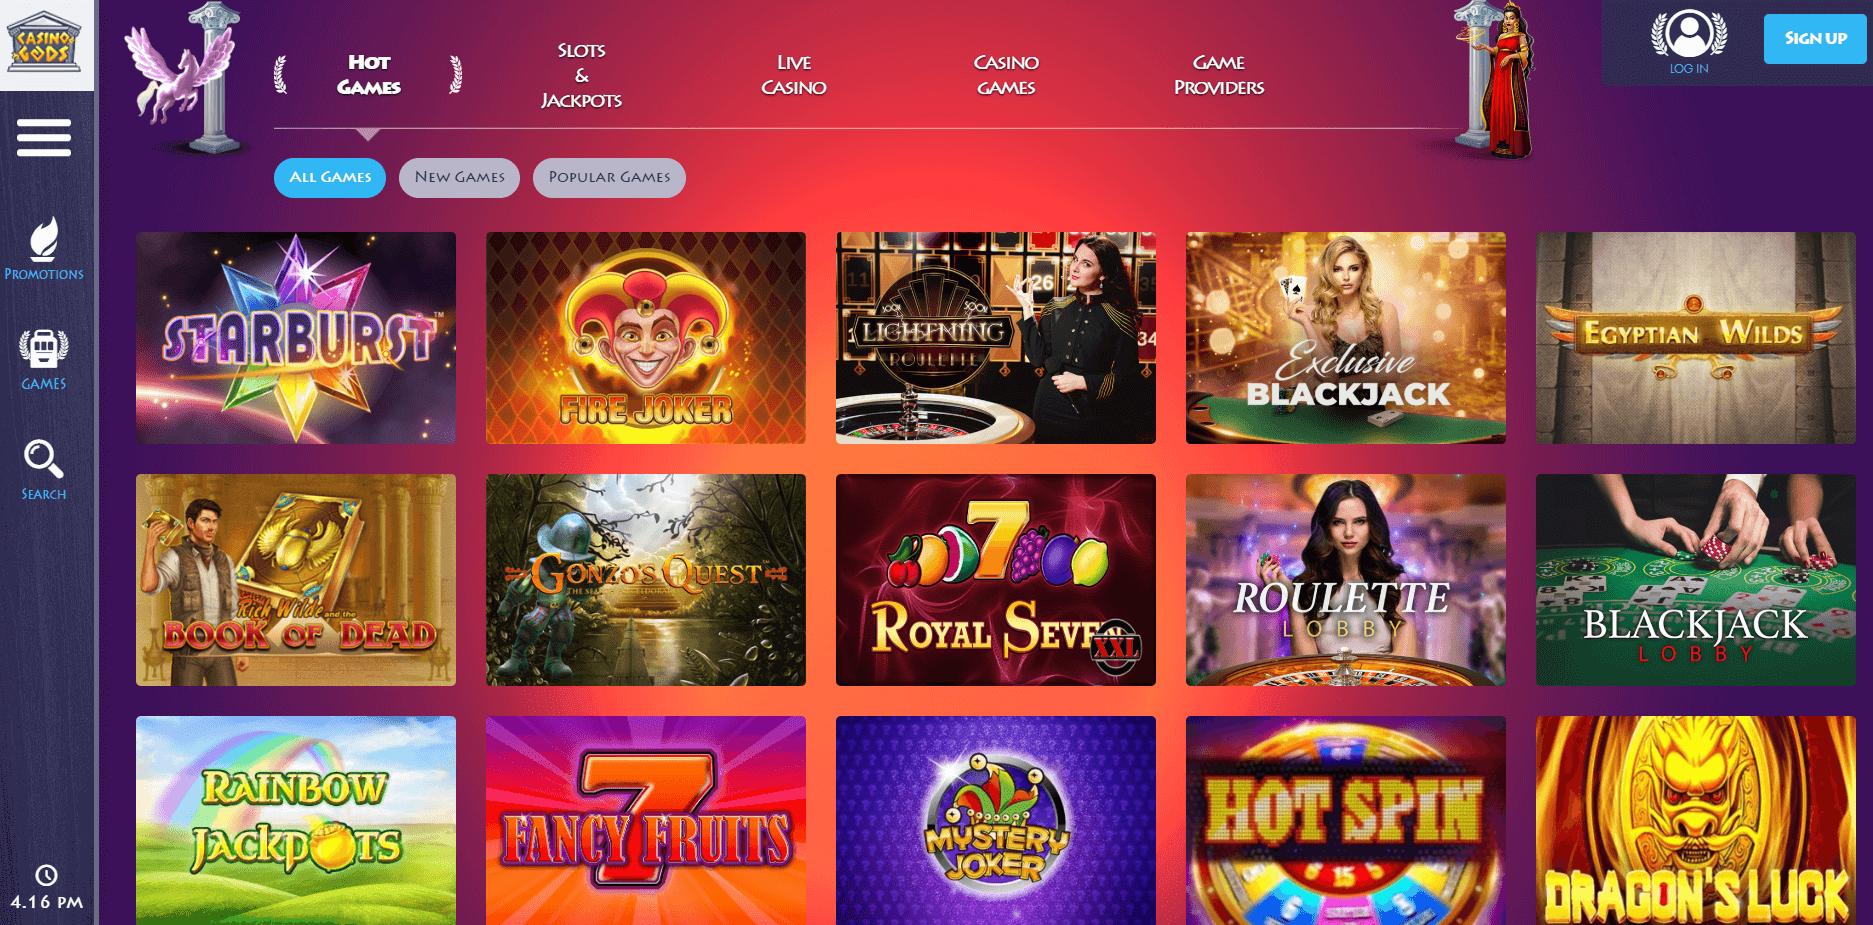 Planet 7 no deposit casino bonus codes